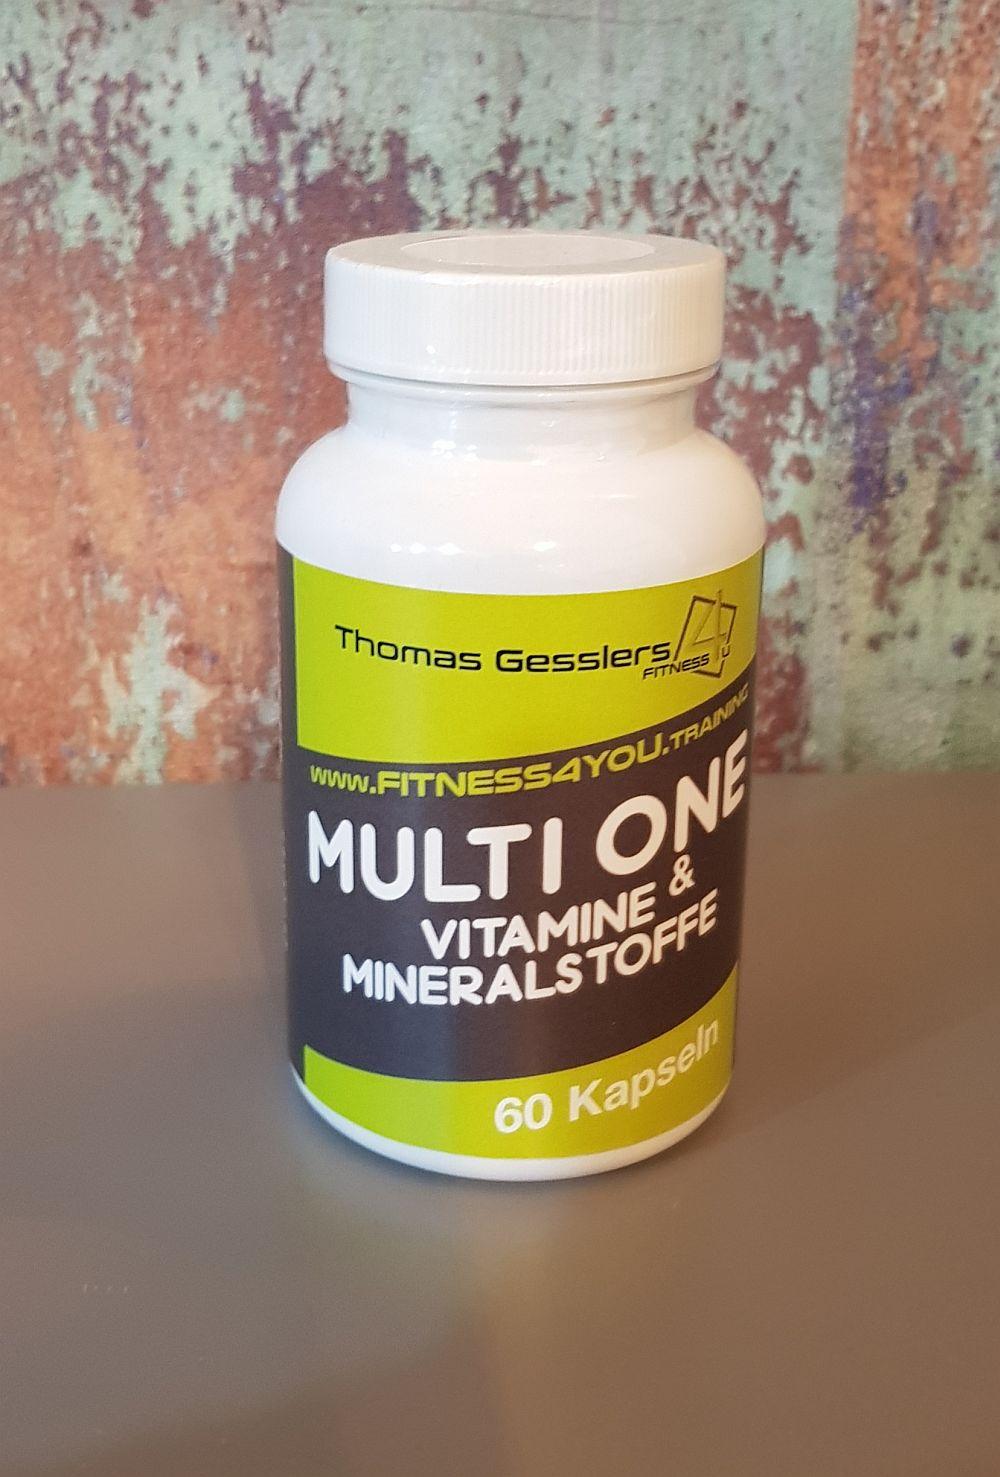 Multivitaminkapseln